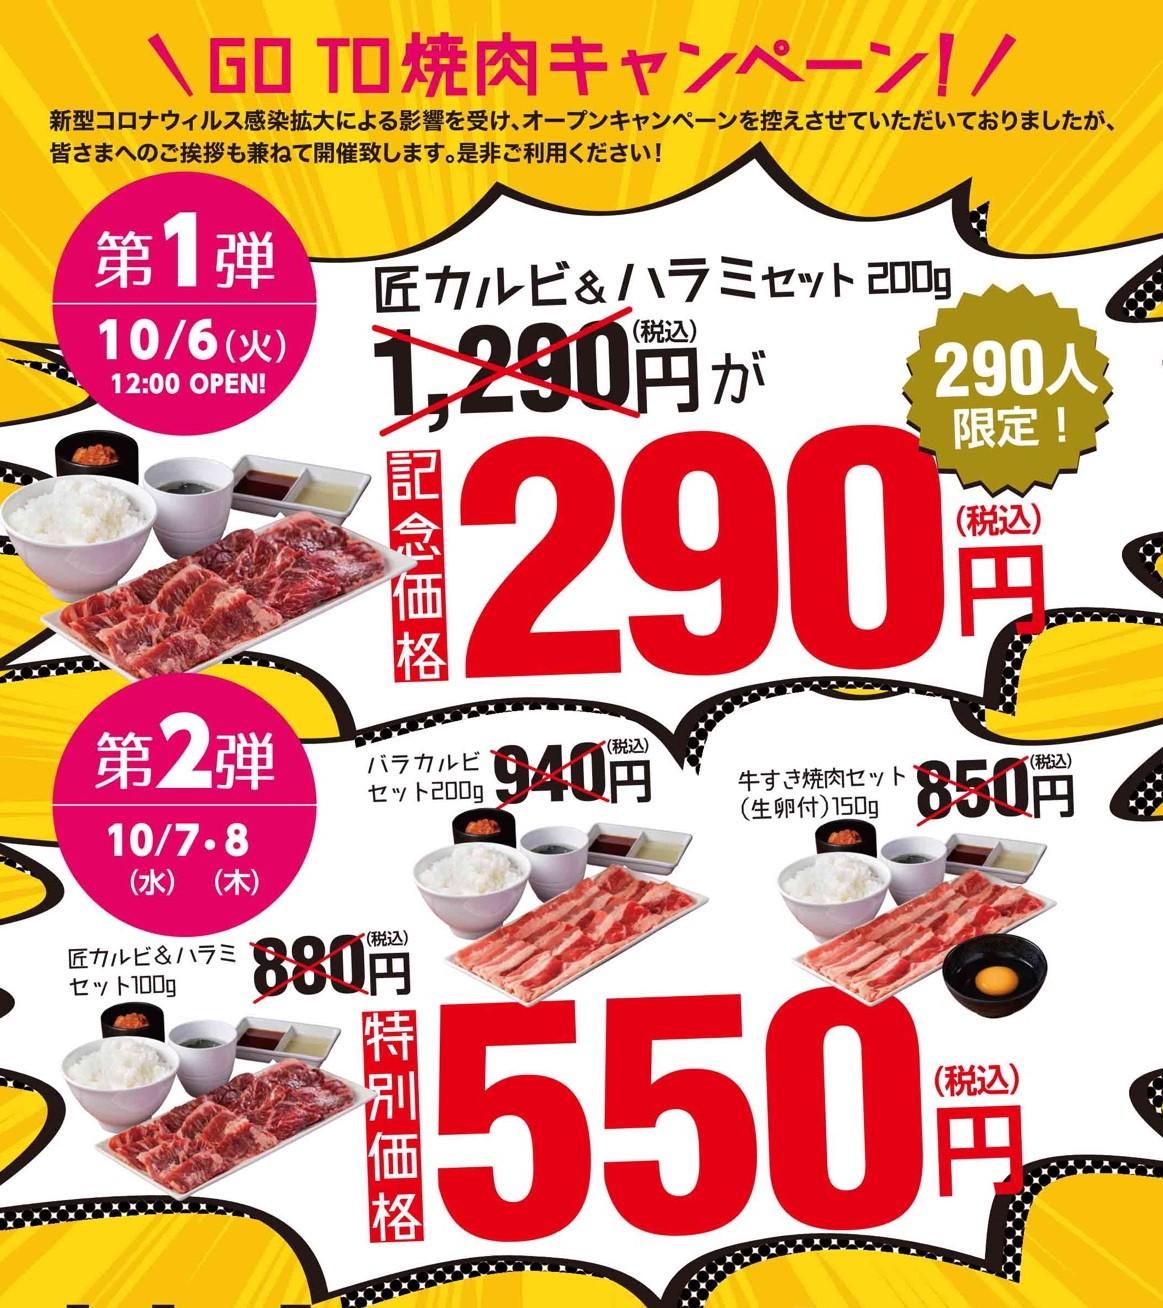 焼き肉ライク新宿南口店で「匠カルビ&ハラミセット」(ごはん、スープ、キムチつき)が1320円⇒290円。10/6 12時~限定。10/7~10/8もセール。